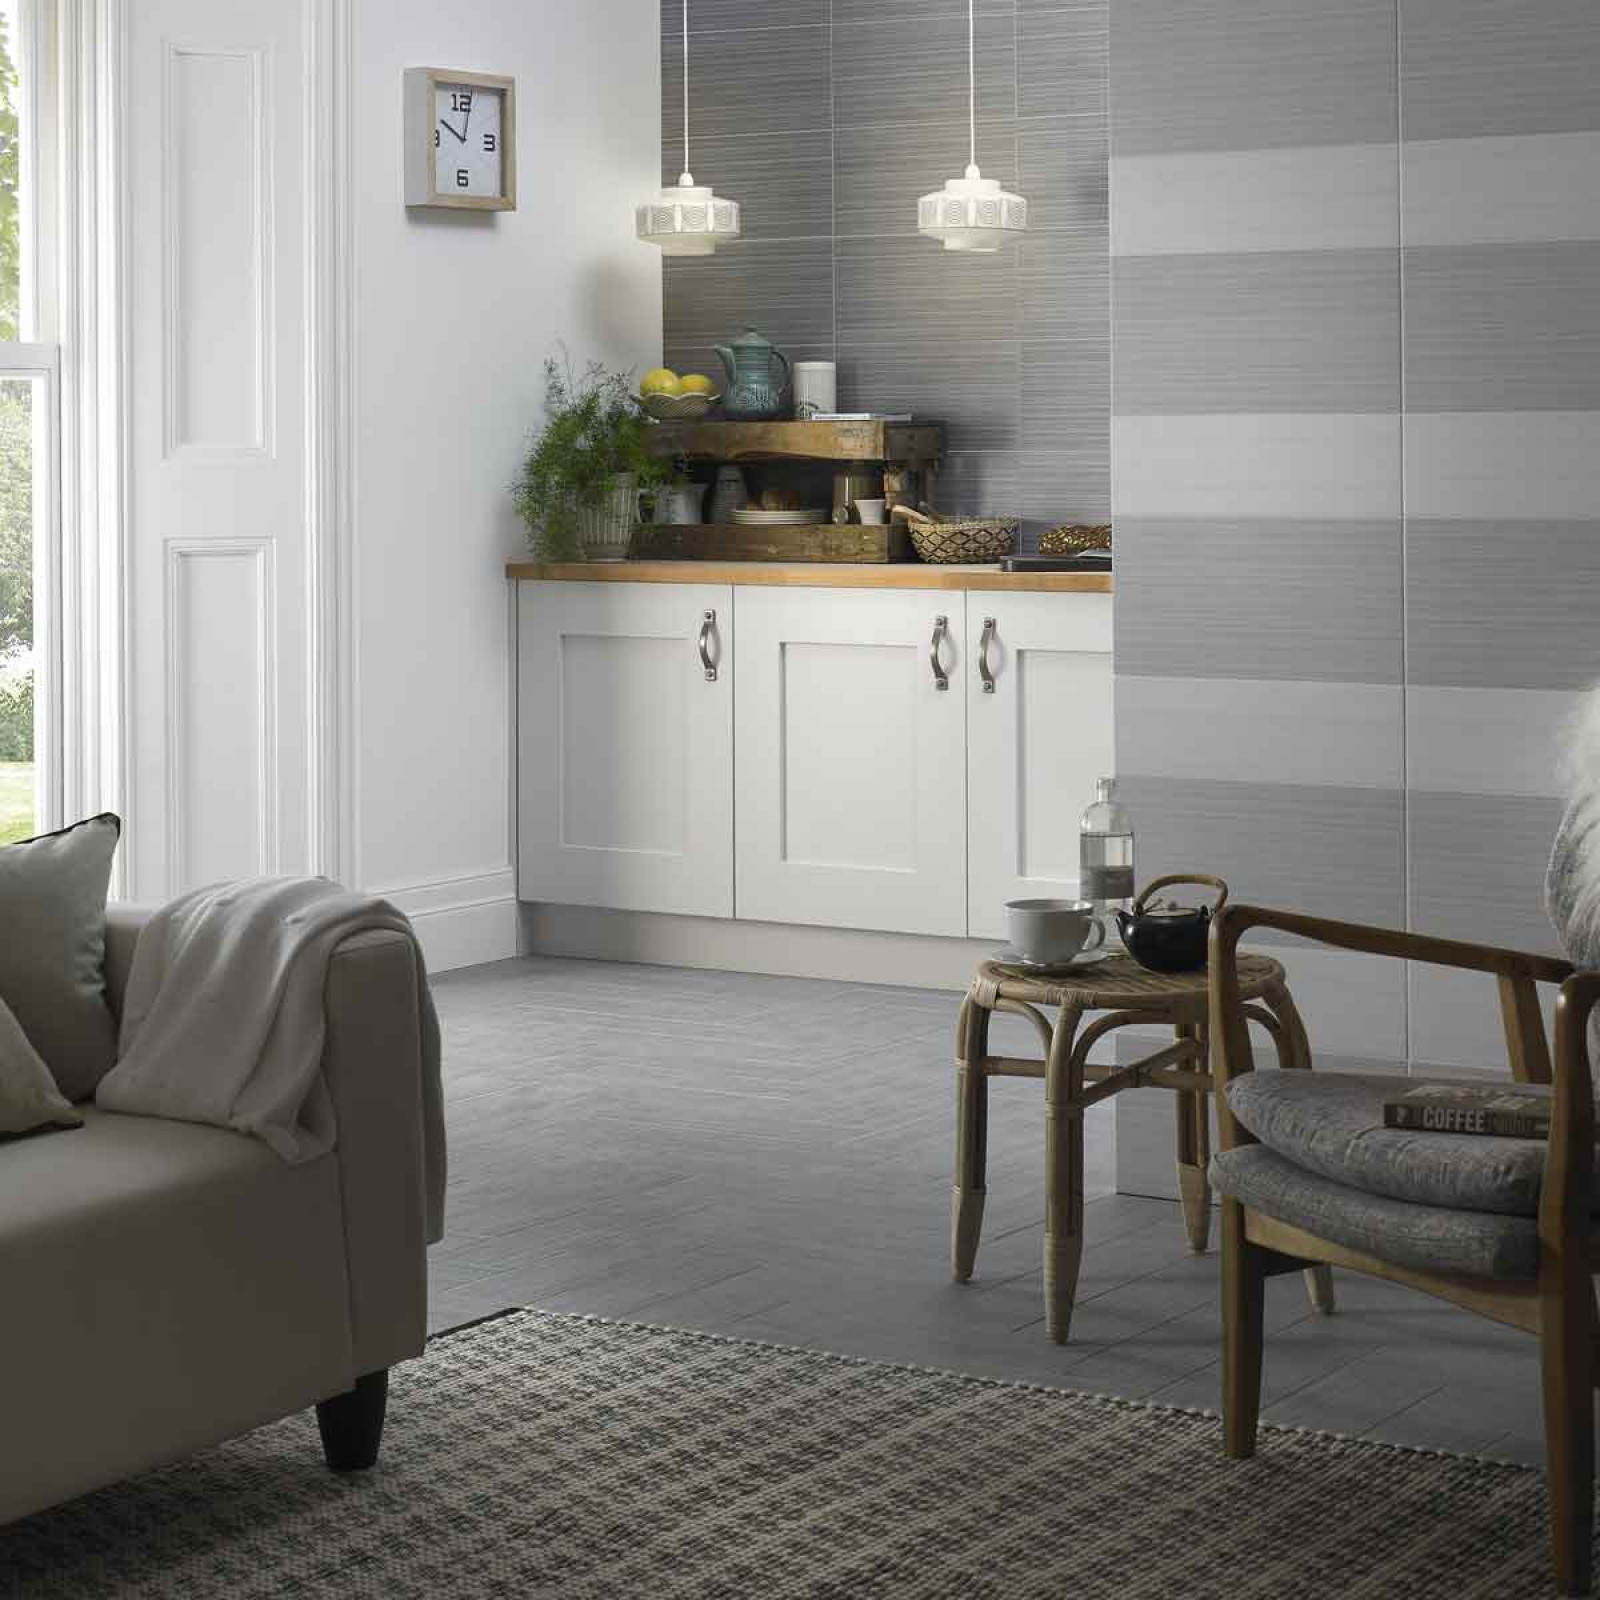 British ceramic tile luna cloud white matt wall floor british british ceramic tile luna cloud white matt wall floor british ceramic tile dailygadgetfo Gallery